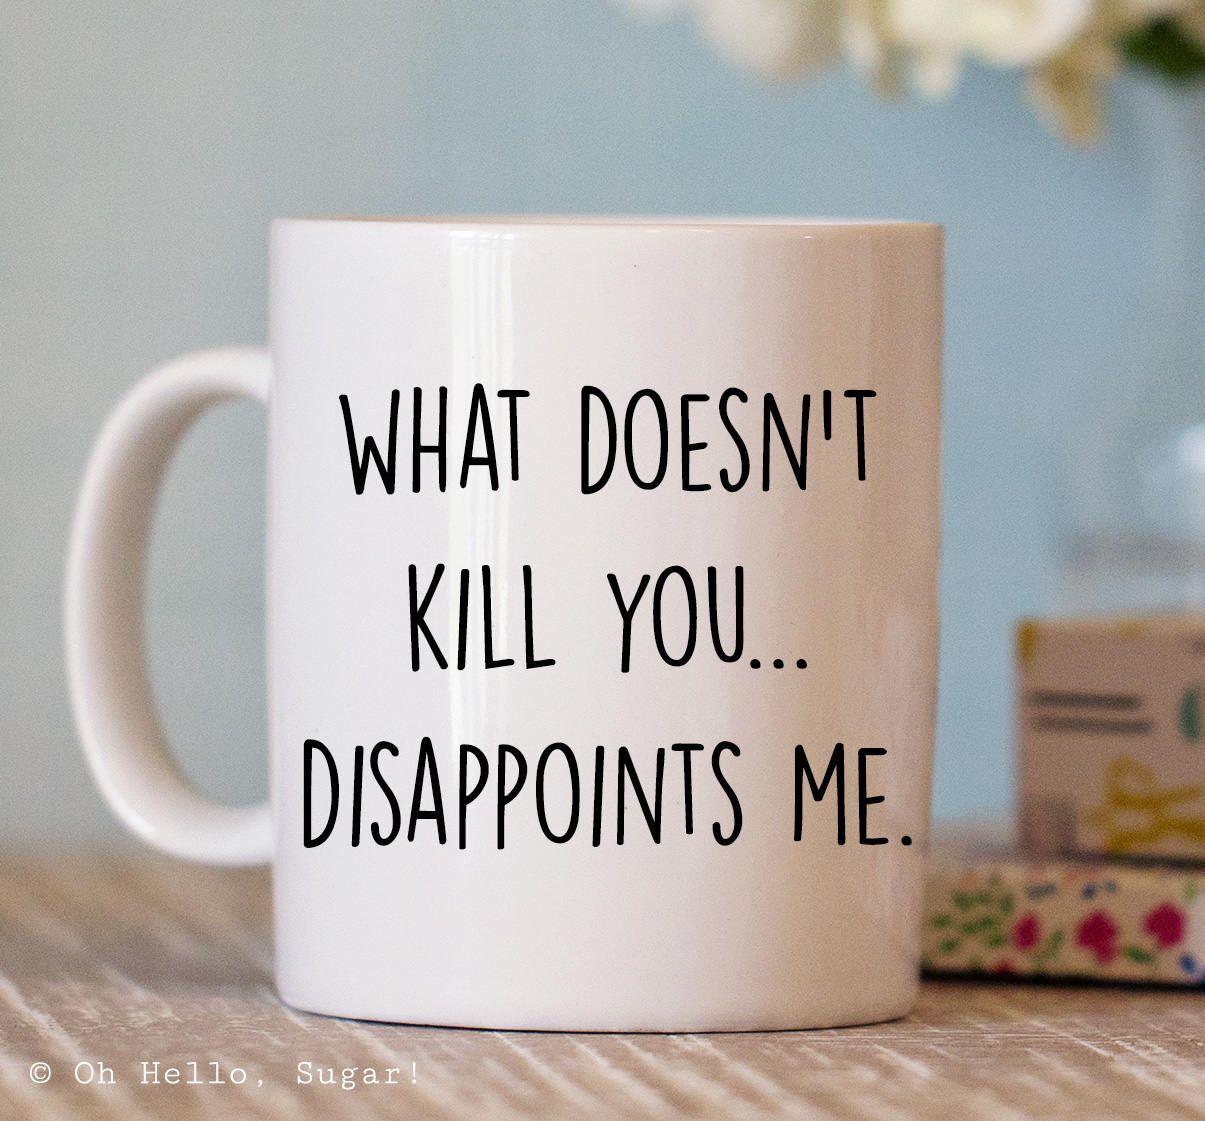 Funny Coffee Mug - Funny Mugs with sayings - Gifts for her - Funny Coffee Cup - Gifts for Him